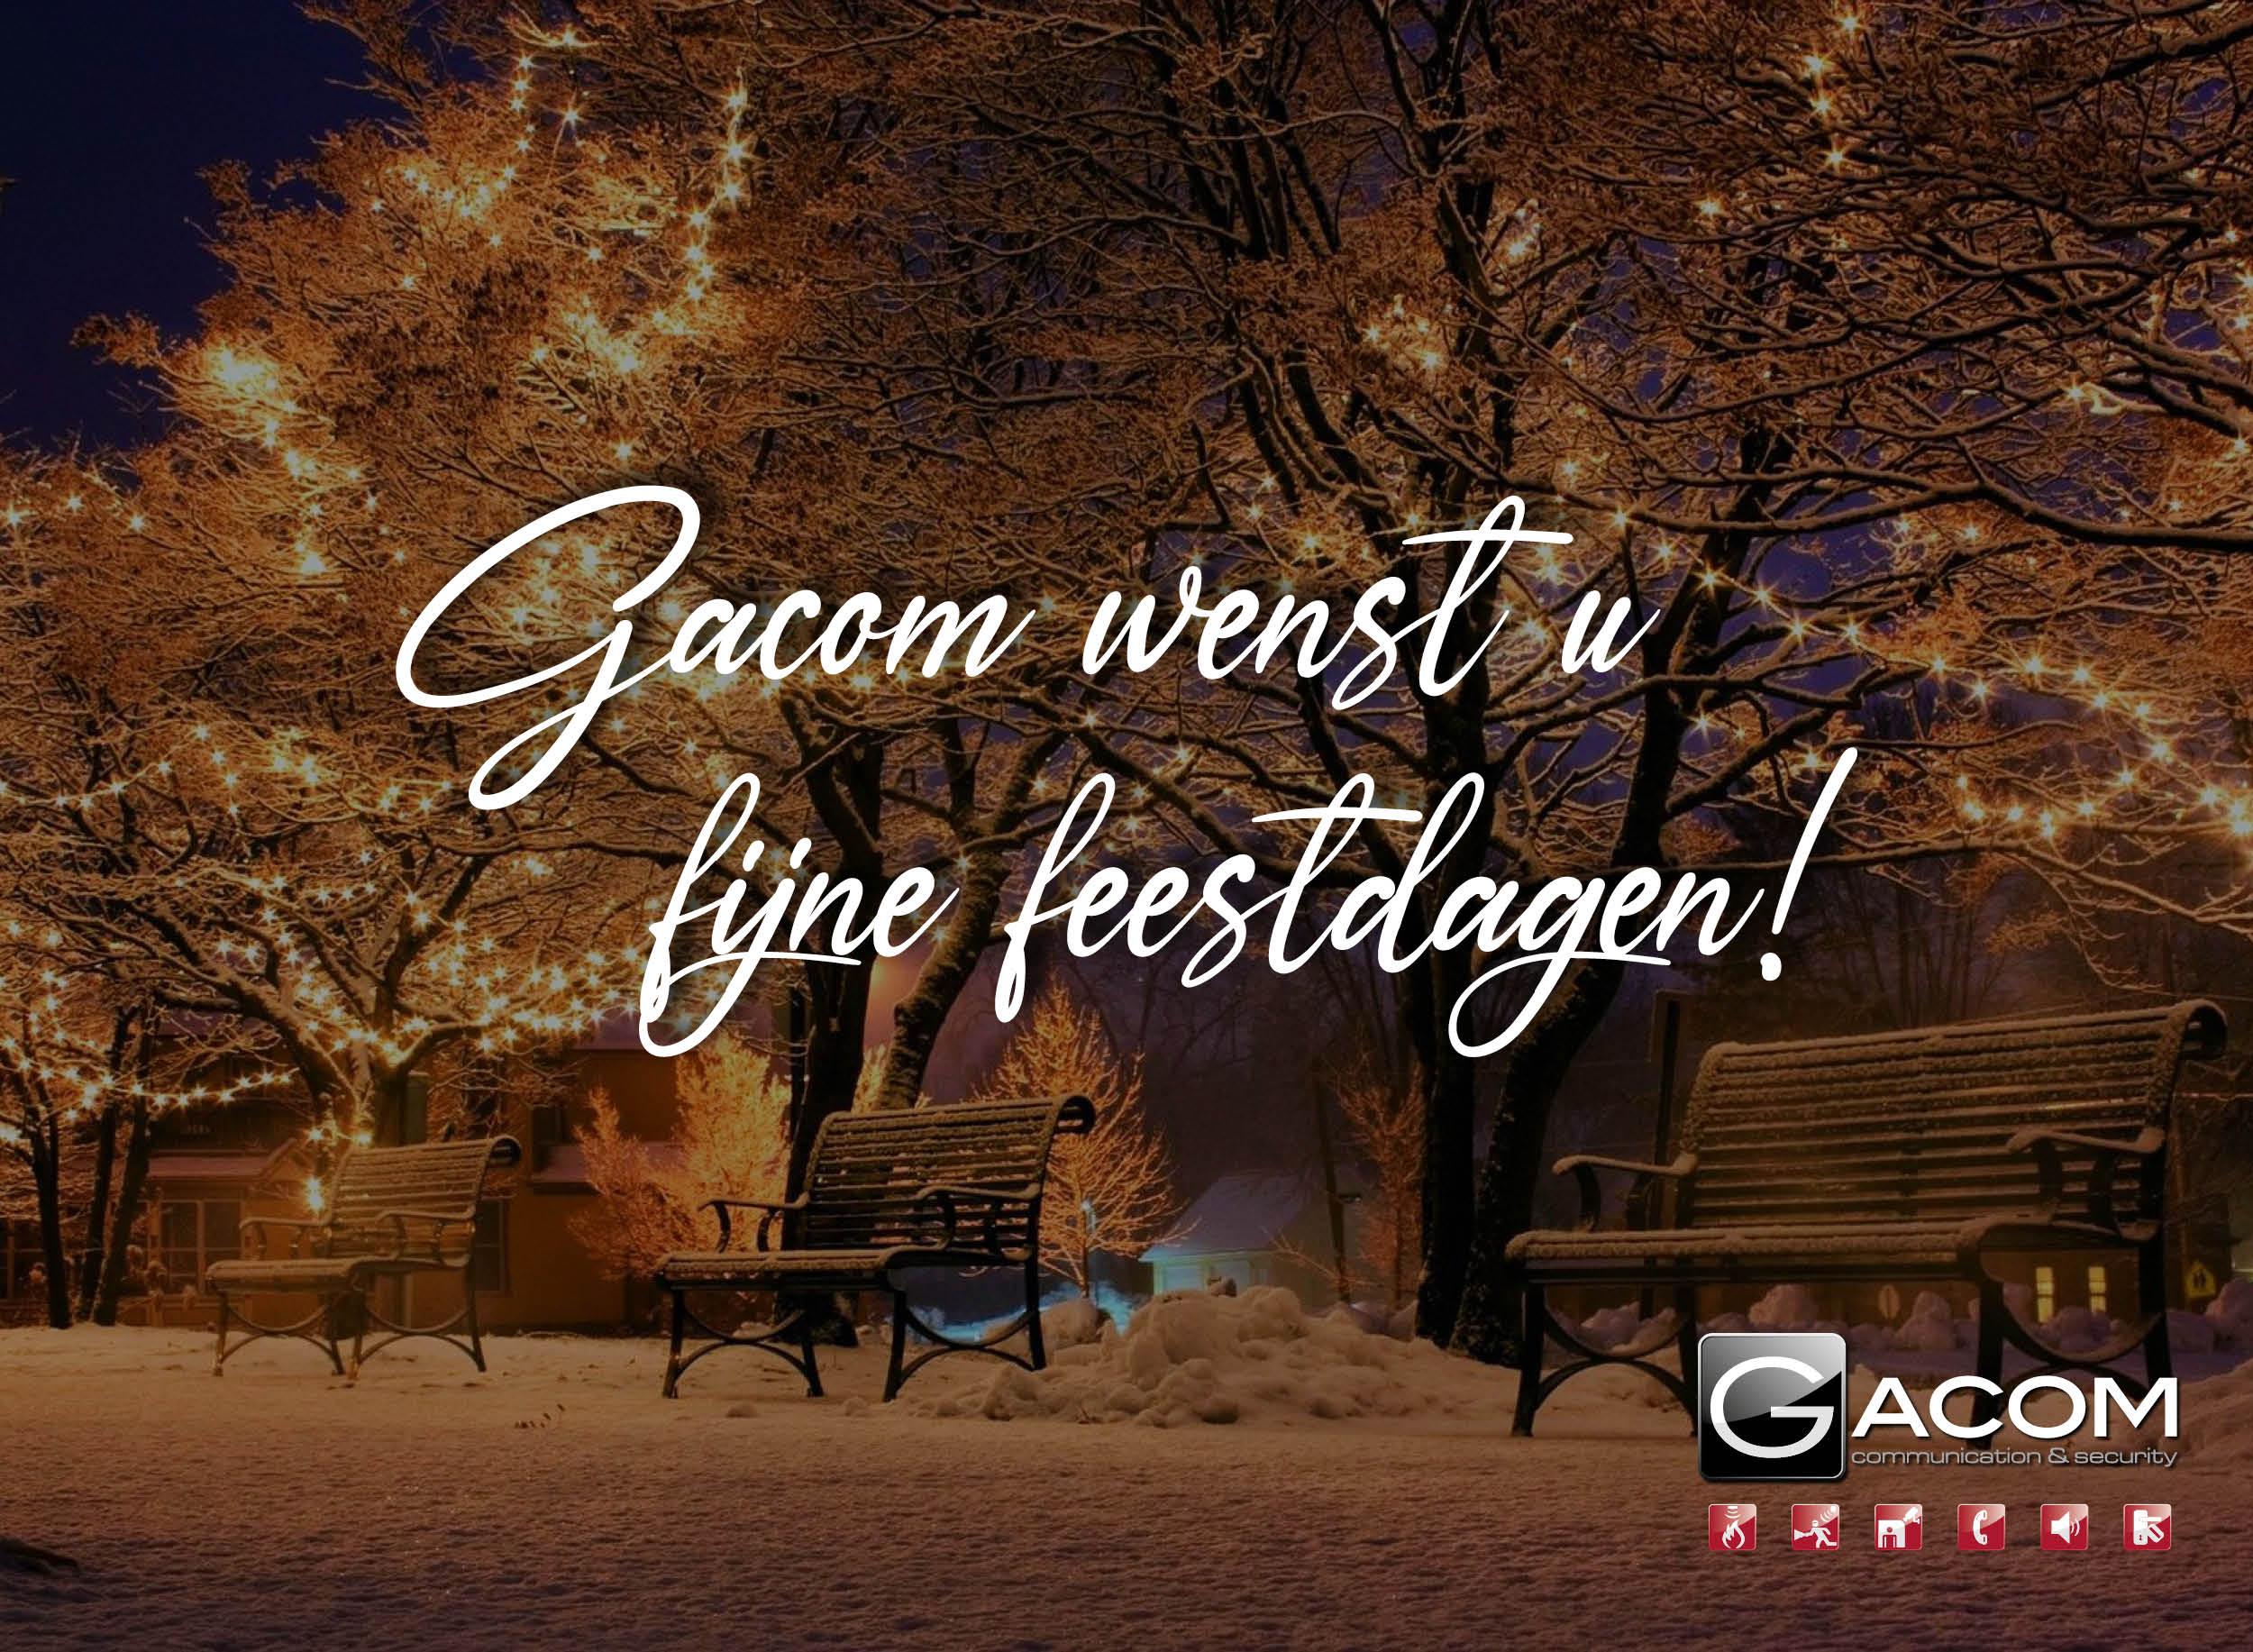 #gacom#communication#security#veghel#fijnefeestdagen#voorstoringenaltijdbereikbaar